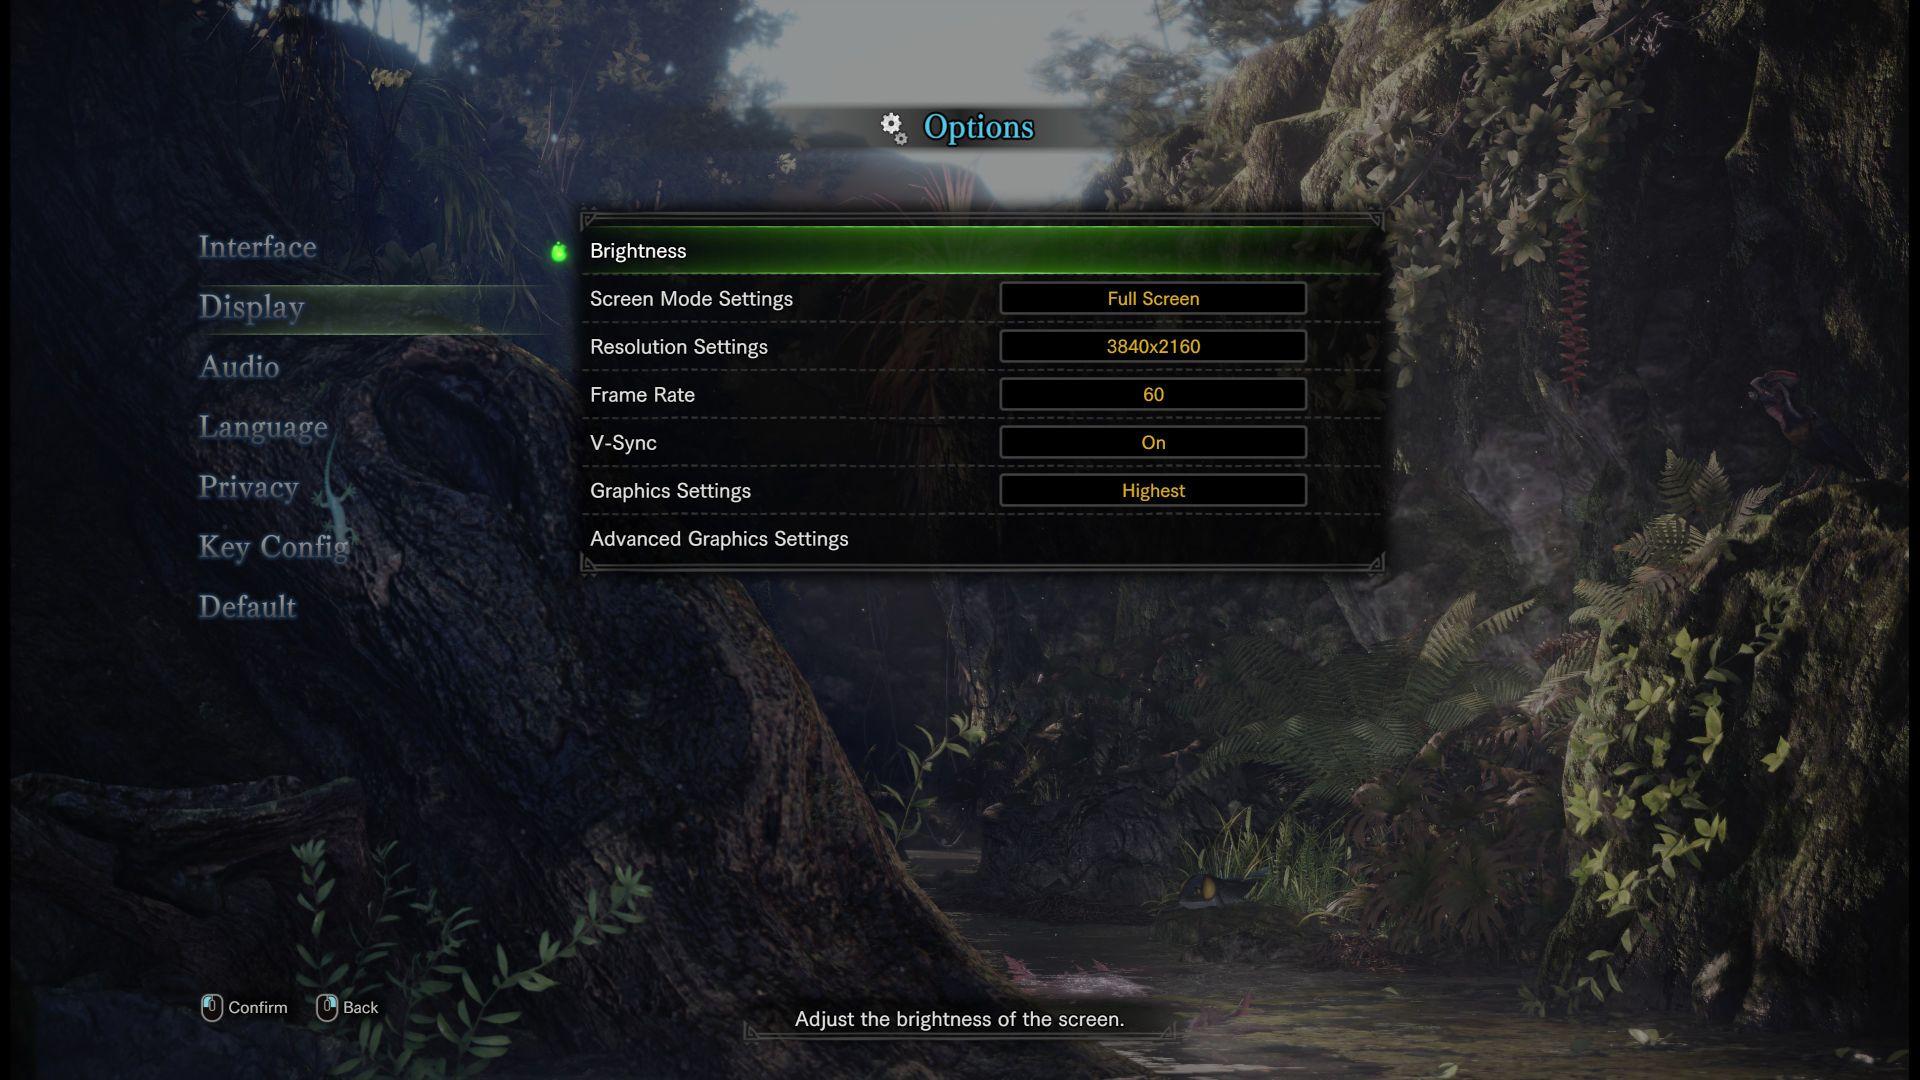 Monster Hunter World Pc Releasing On August 9th 4k 60 Fps